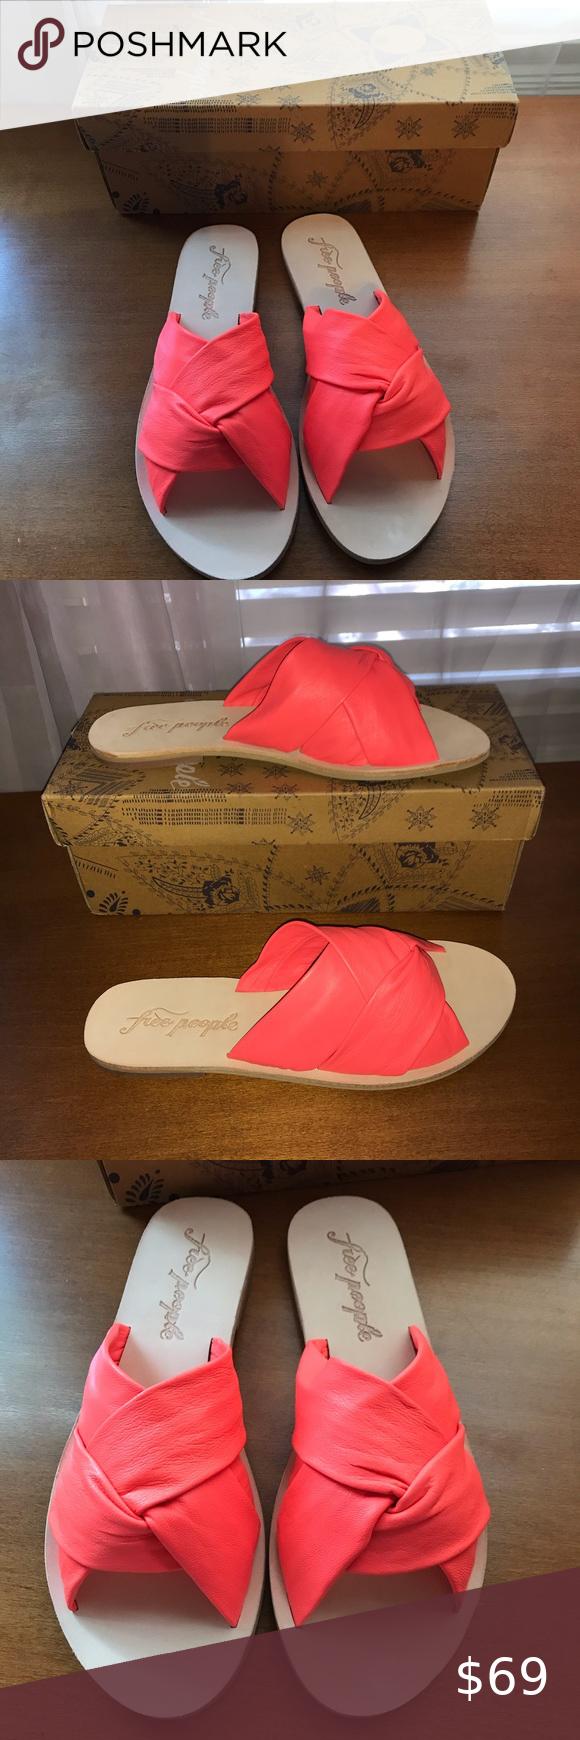 Free People Rio Vista Slide Sandal Free People Shoes Sandals Slide Sandals Sandals Brands